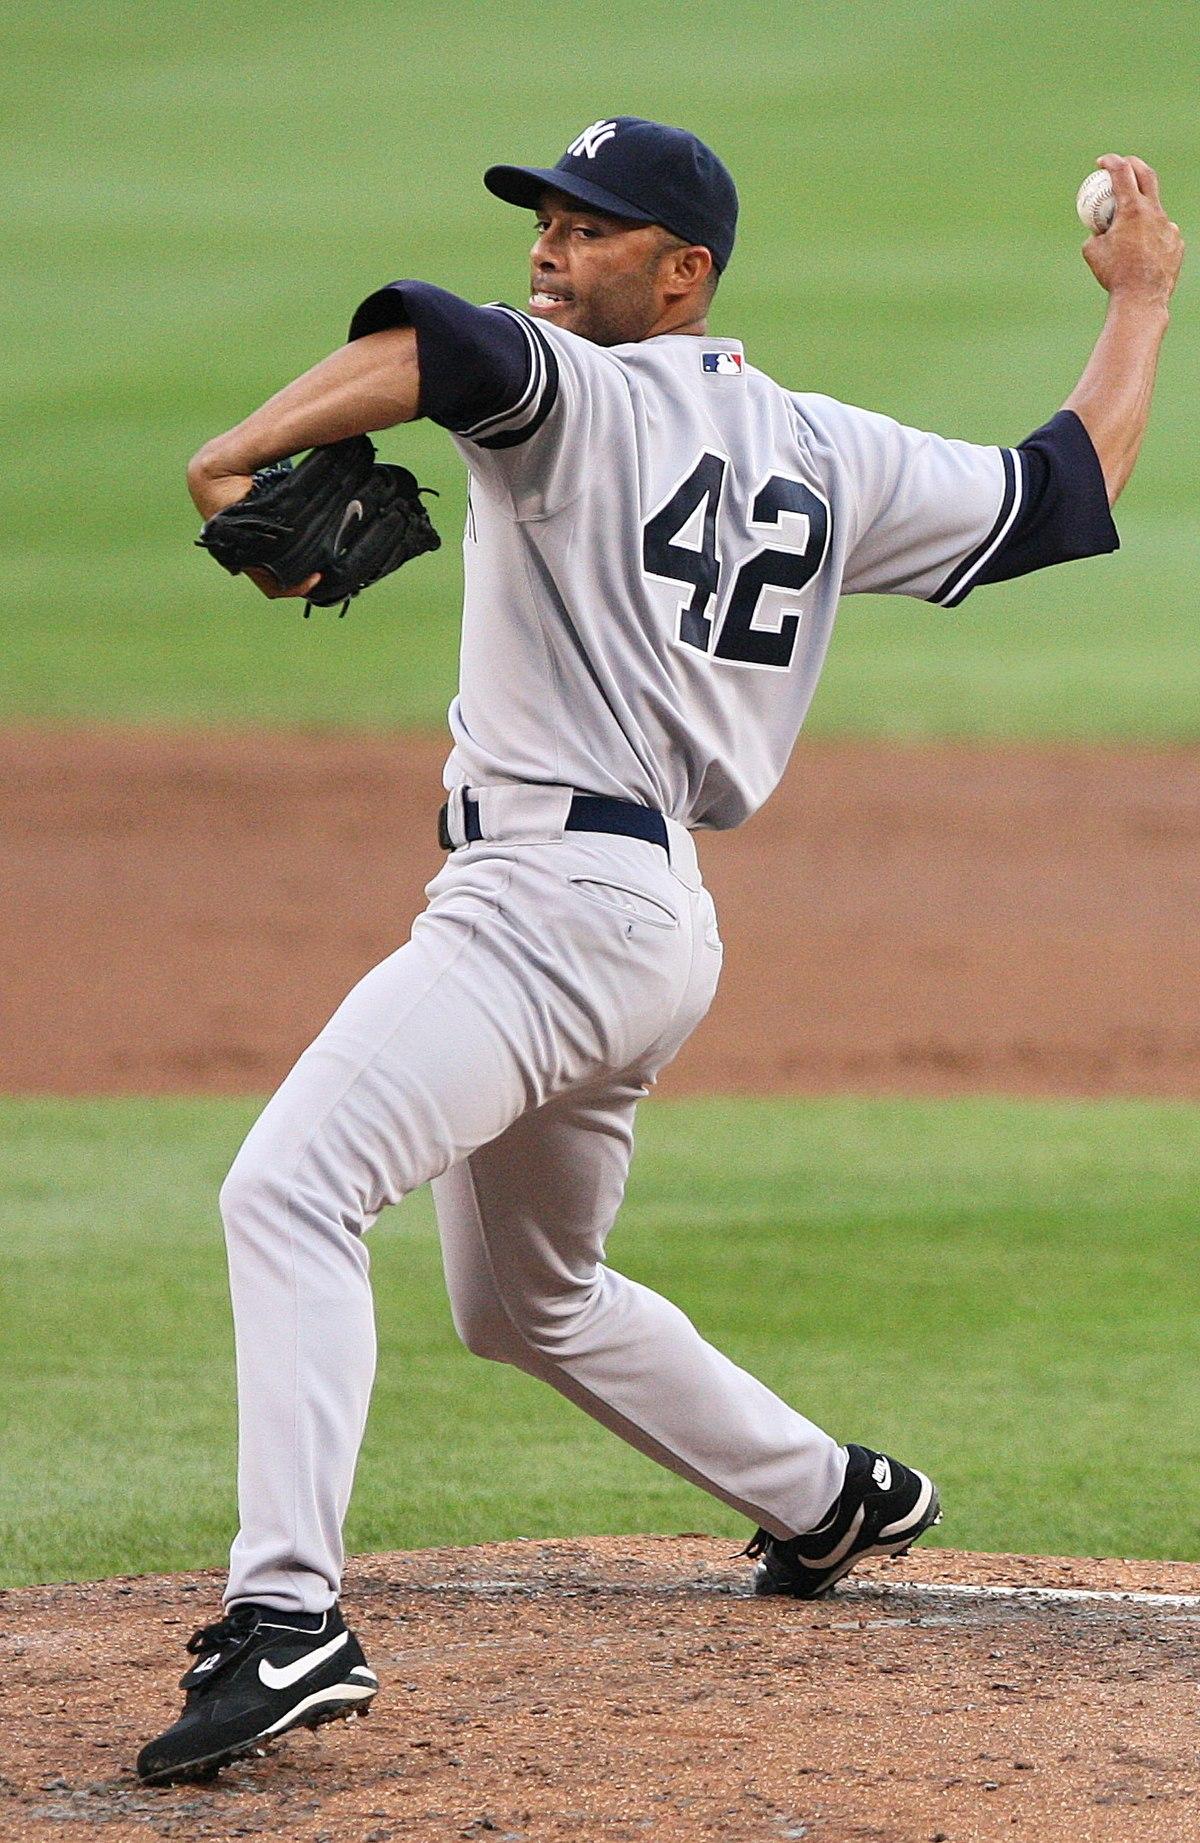 Pitcher Adalah : pitcher, adalah, Closer, (baseball), Wikipedia